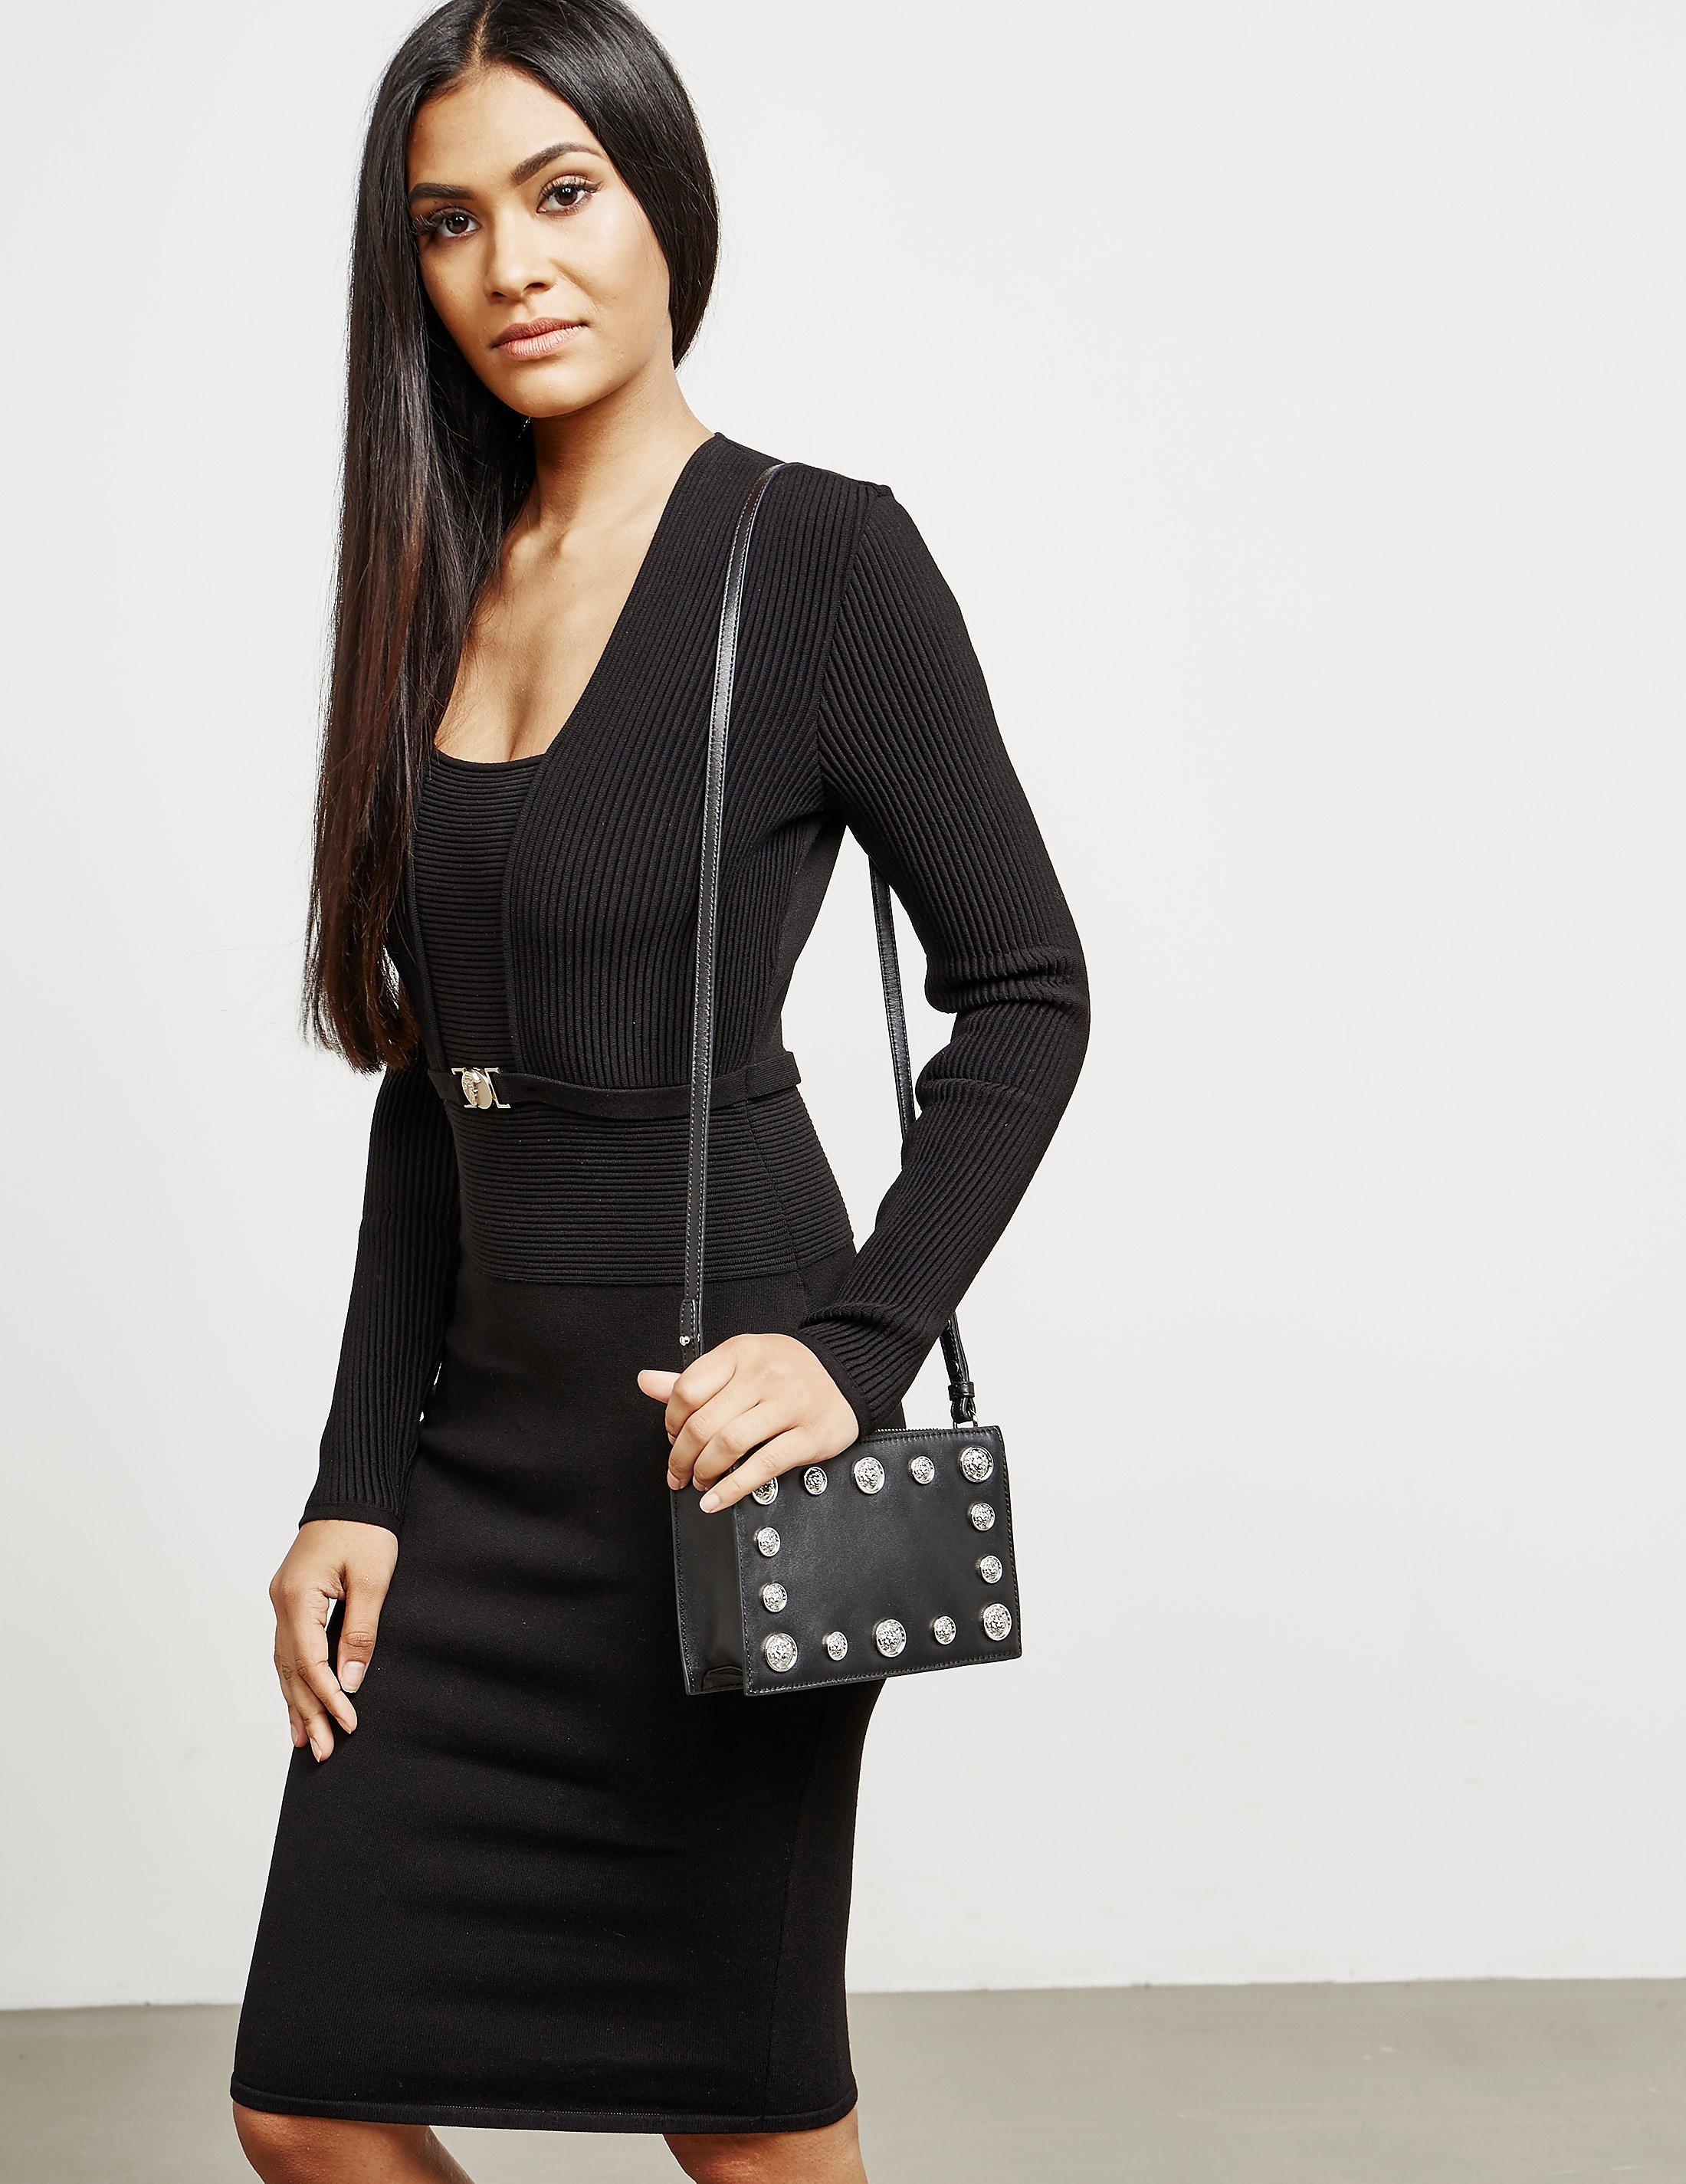 Versus Versace Lion Crossbody Bag